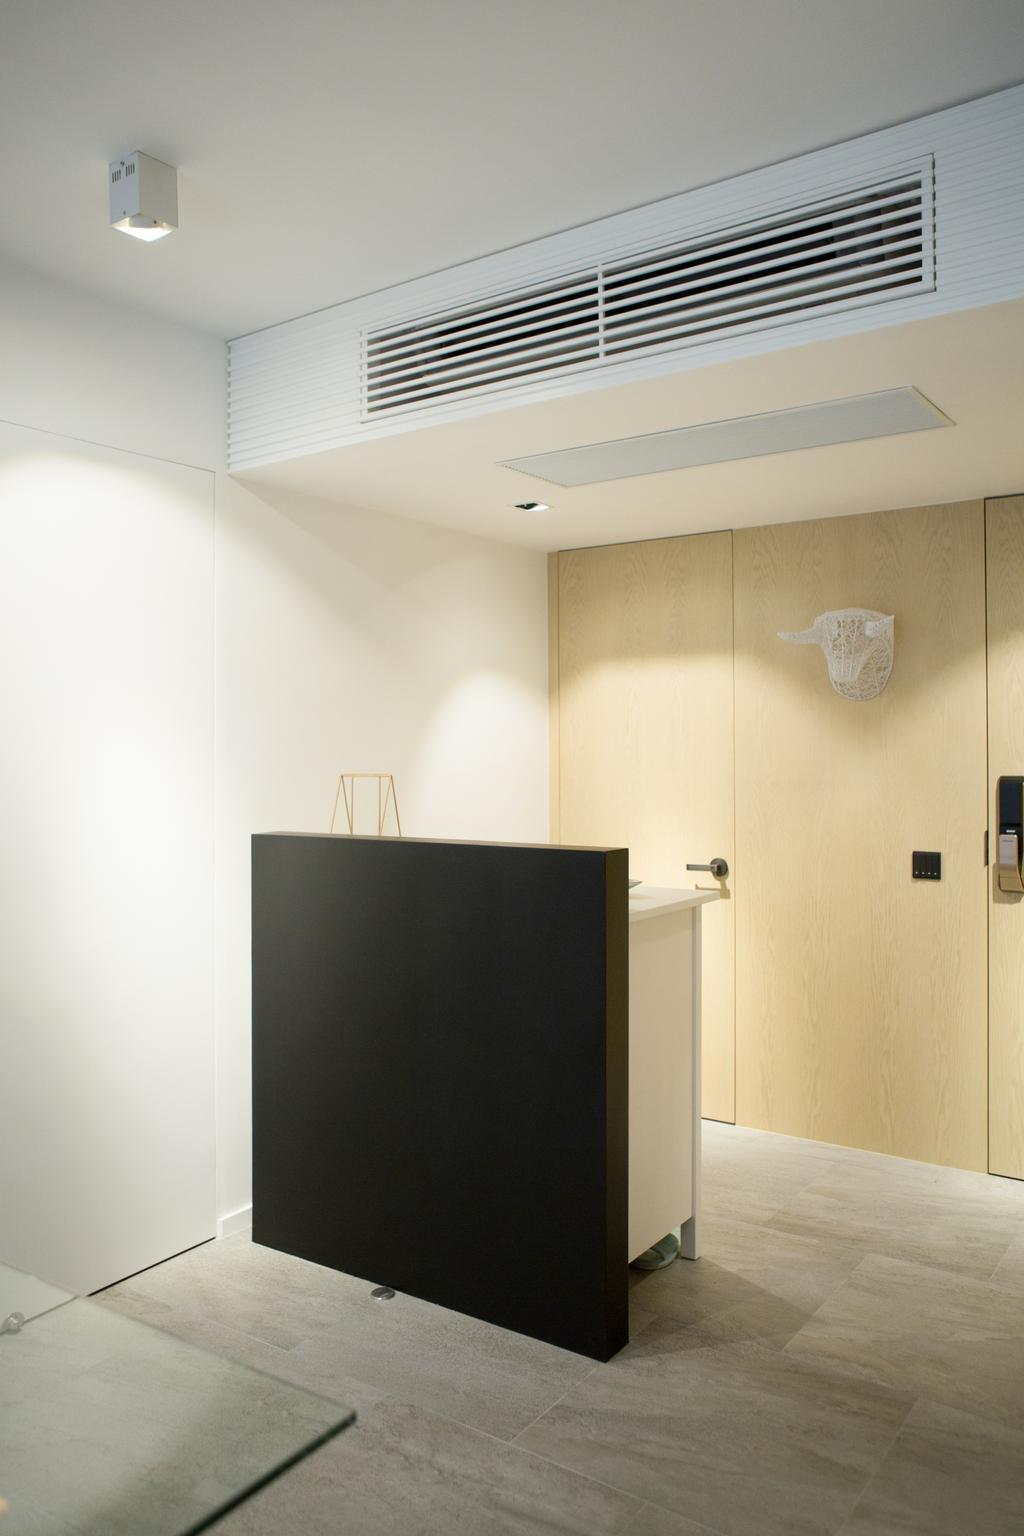 簡約, 私家樓, 飯廳, 黃魚灘, 室內設計師, in Him's Interior Design, 北歐, Electronics, Lcd Screen, Monitor, Screen, Wall